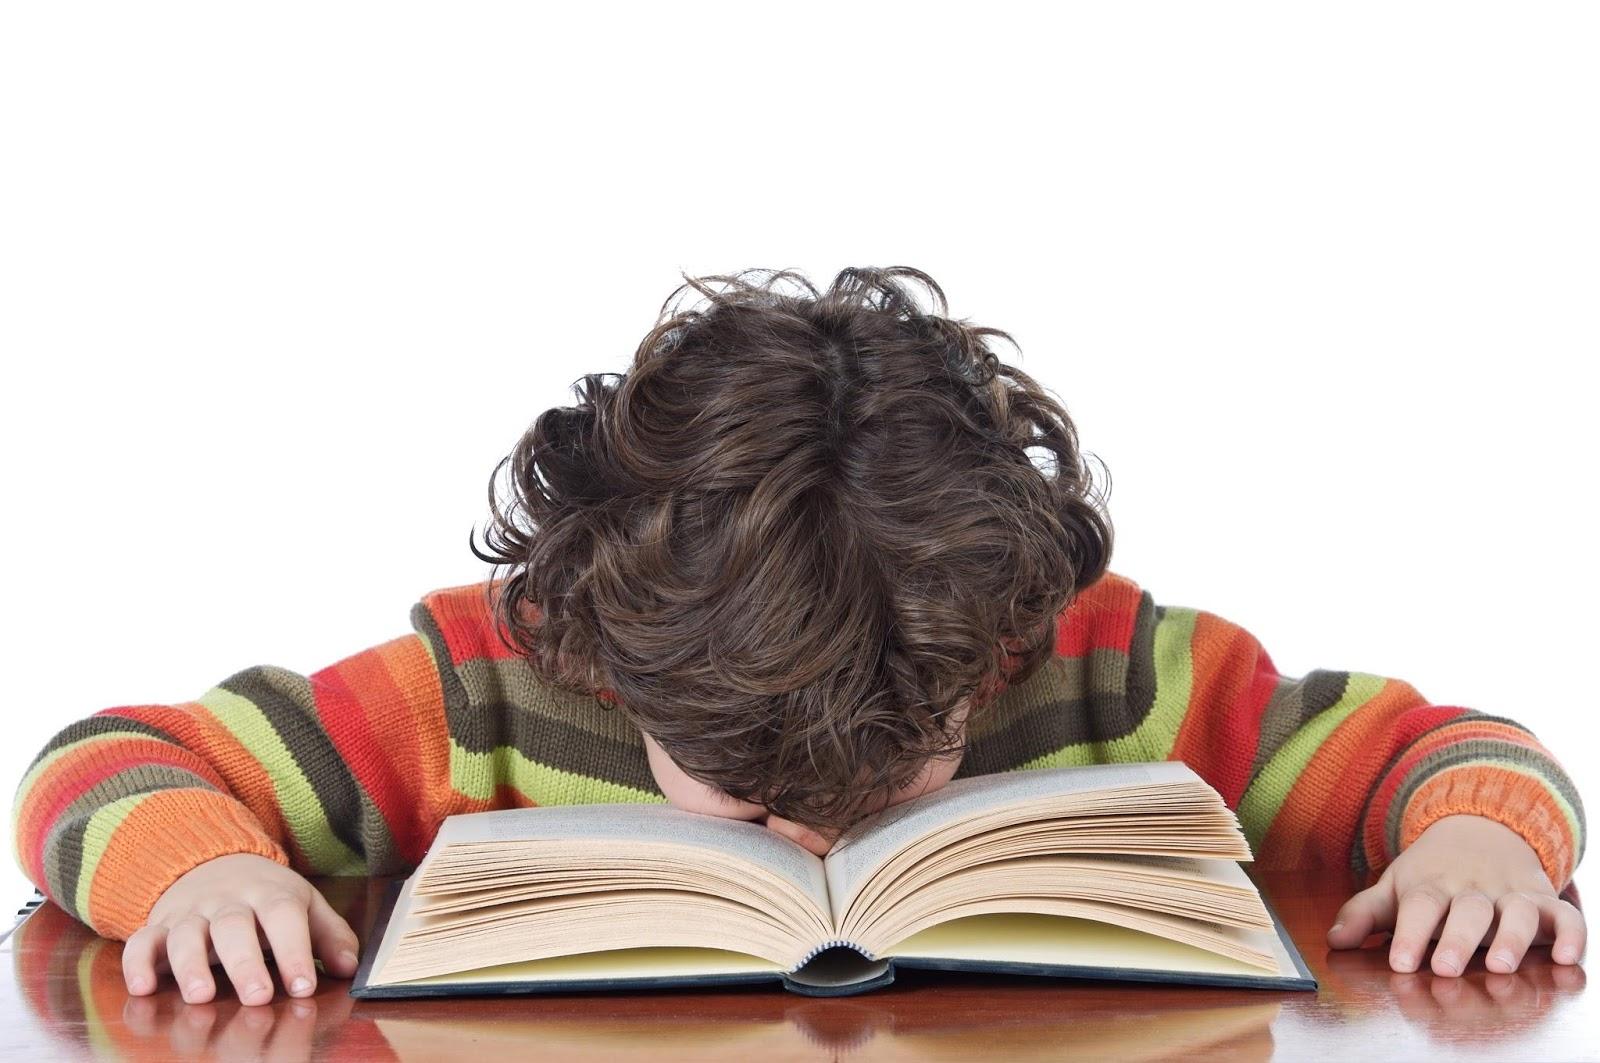 kid sleep on book